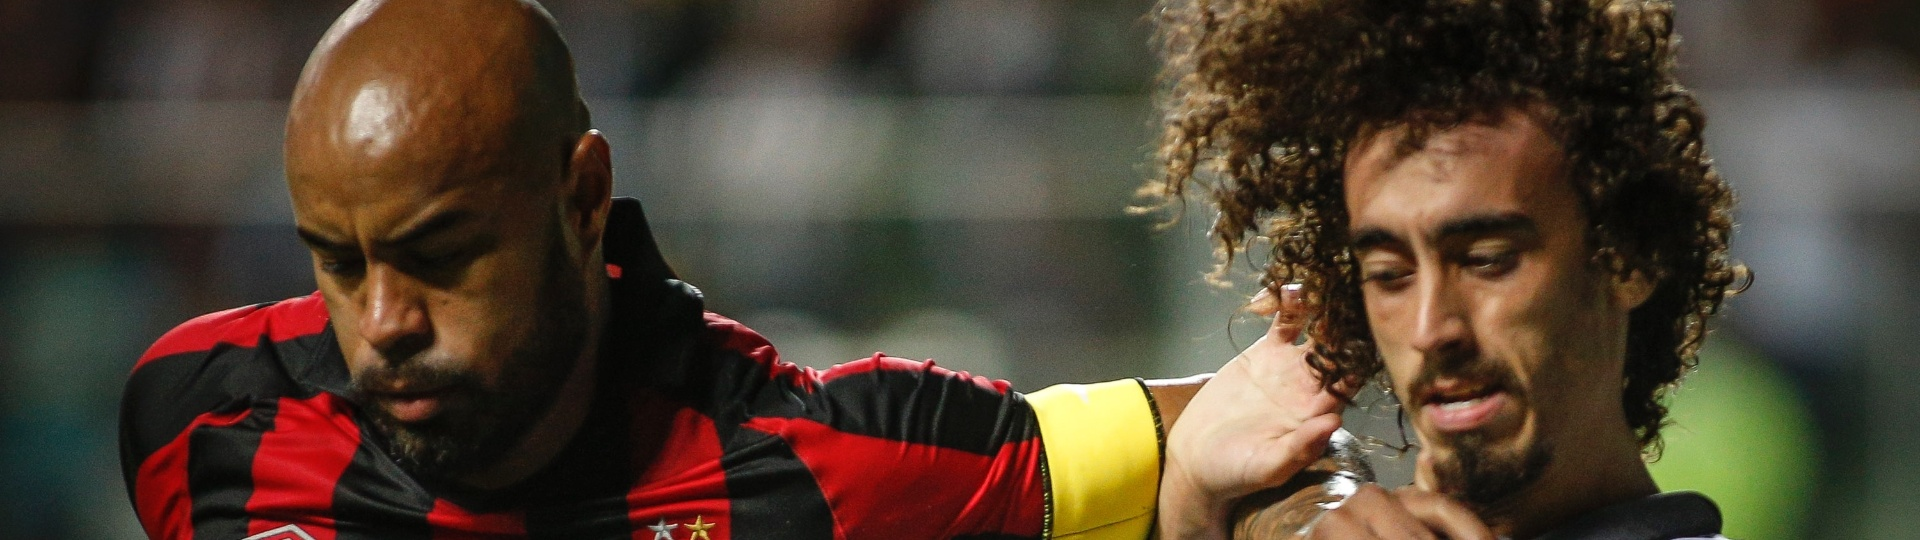 Thiago Heleno e Valdívia disputam bola em jogo entre Atlético-MG e Atlético-PR